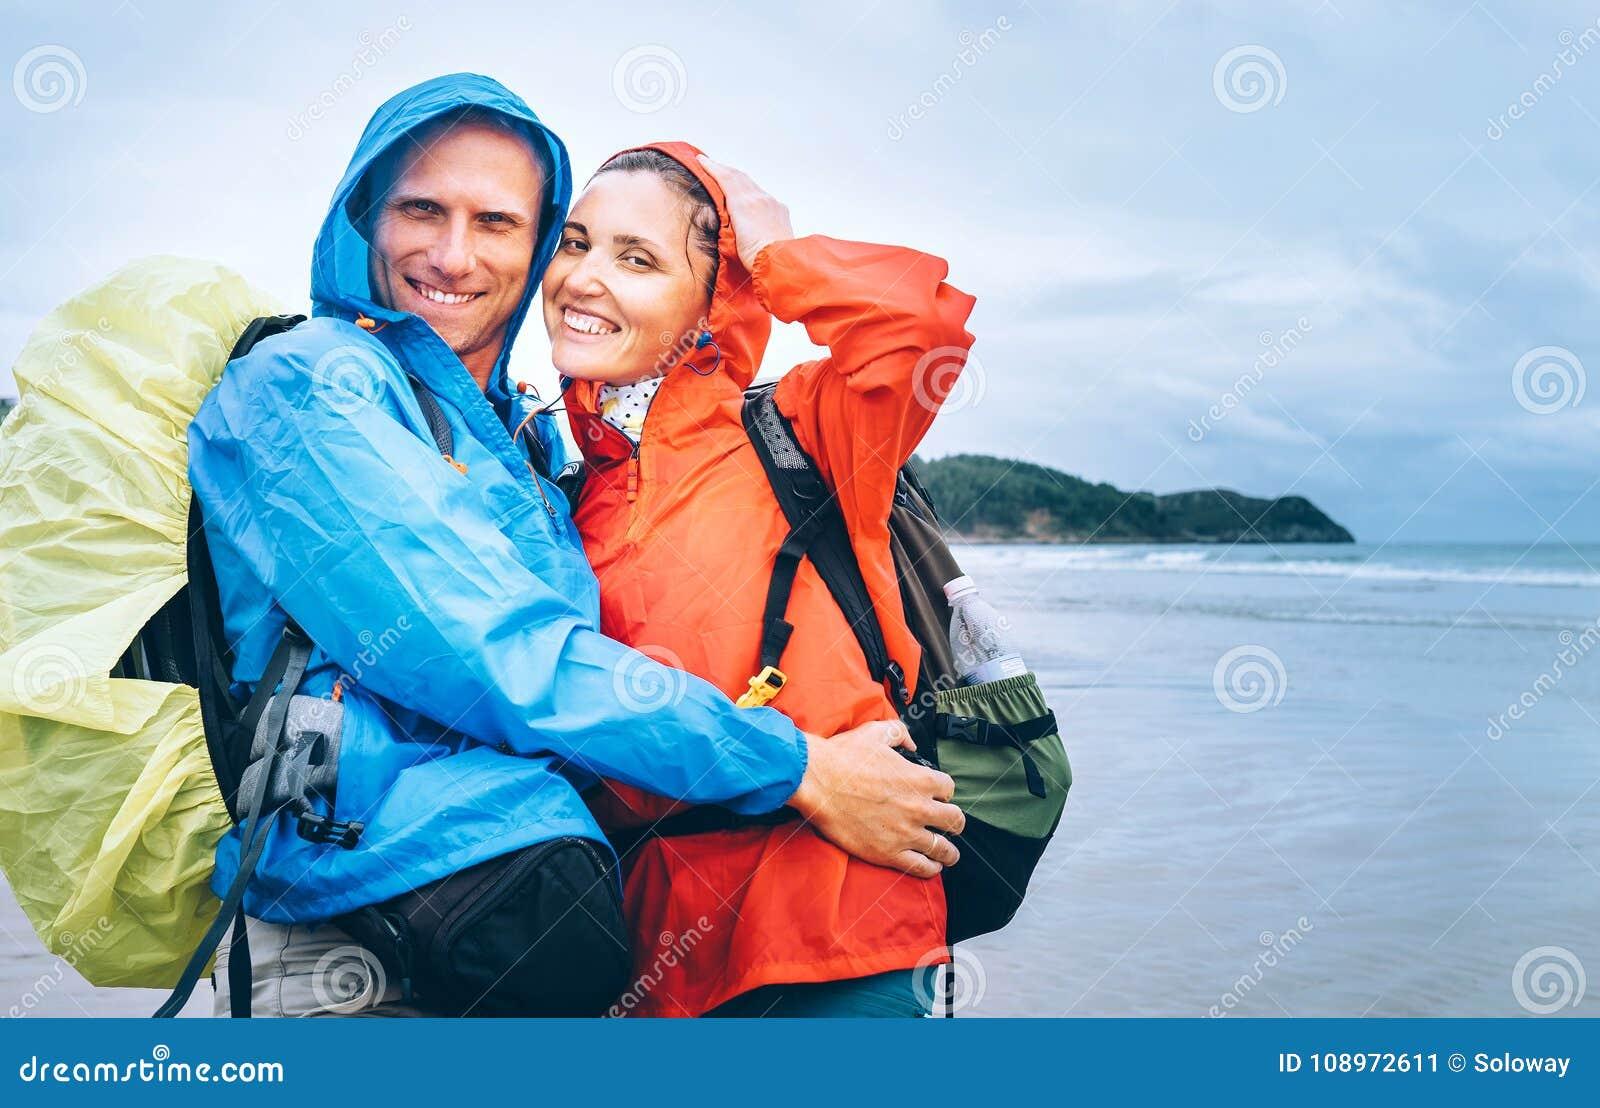 Gelukkig glimlachend reizigerspaar in regenachtige dag op het oceaanstrand